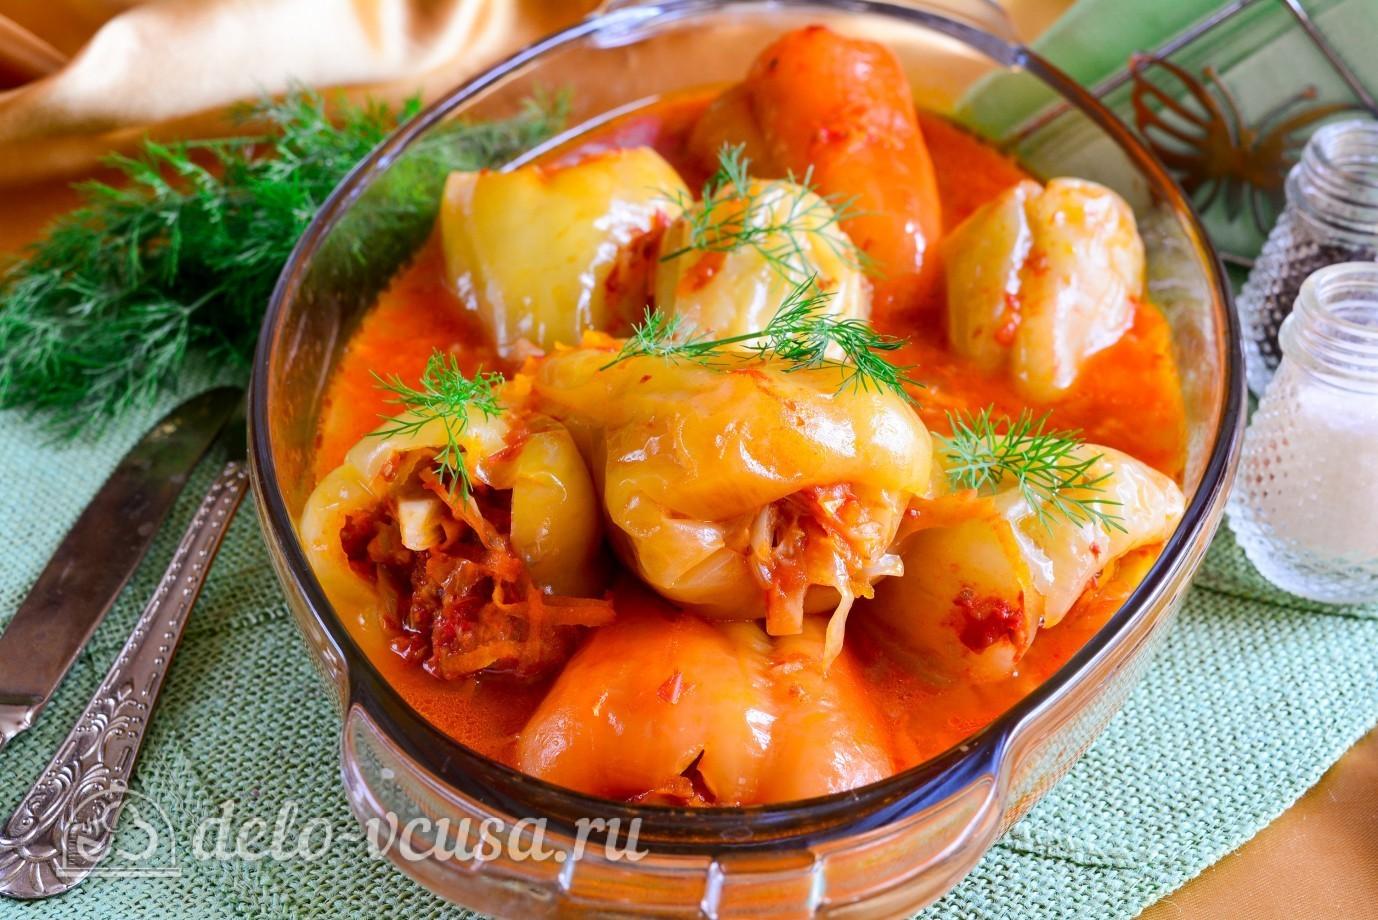 Начиненный перец рецепт пошагово